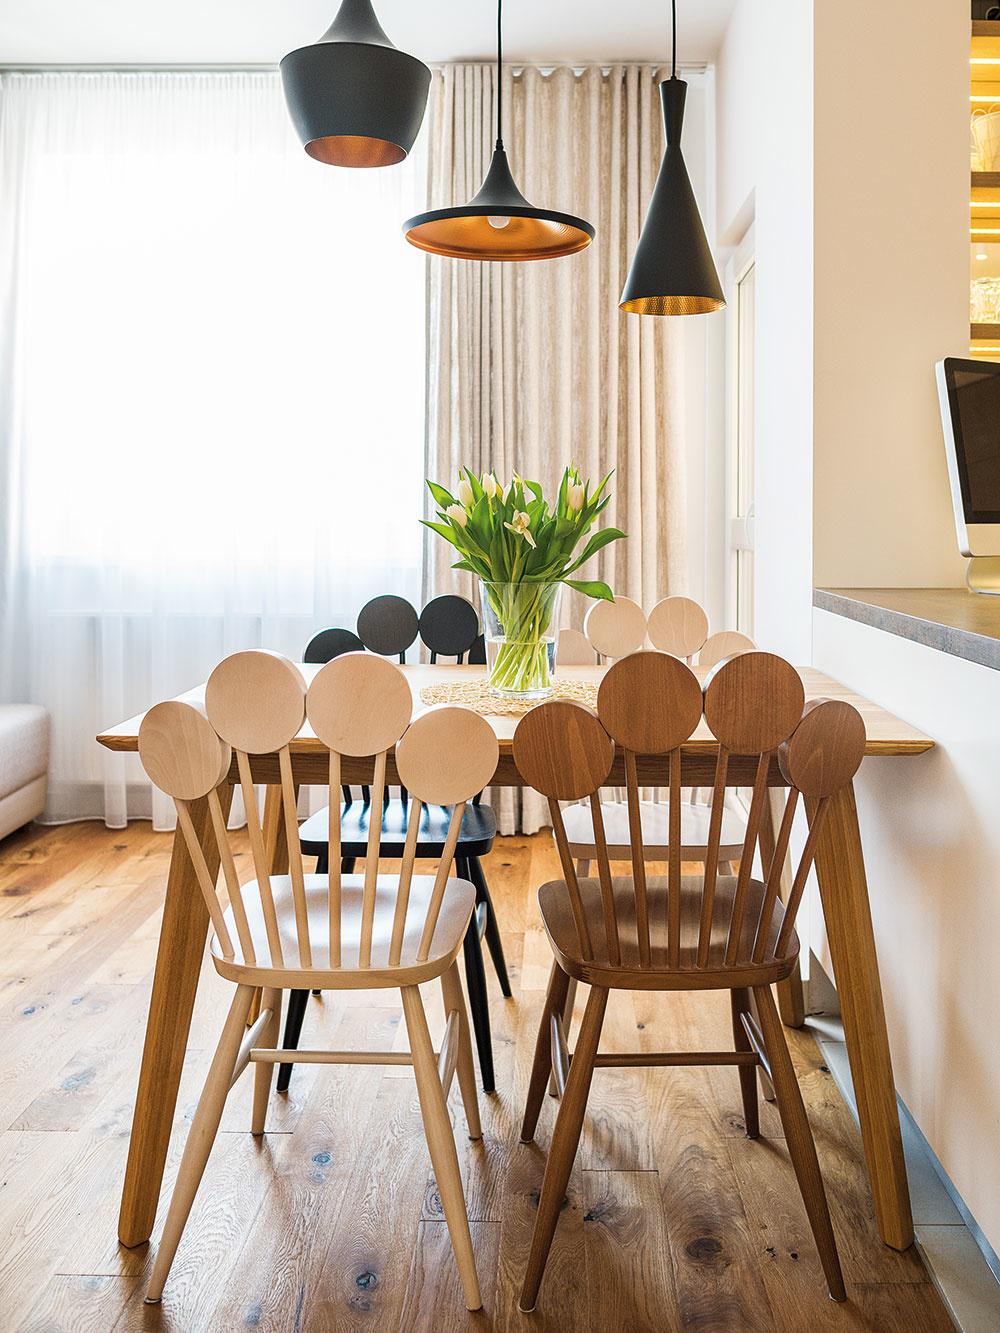 Stoličky Paf od slovenskej značky Karpiš patria knábytkovým prvkom, ktorých dizajn navrhol Michal Staško.